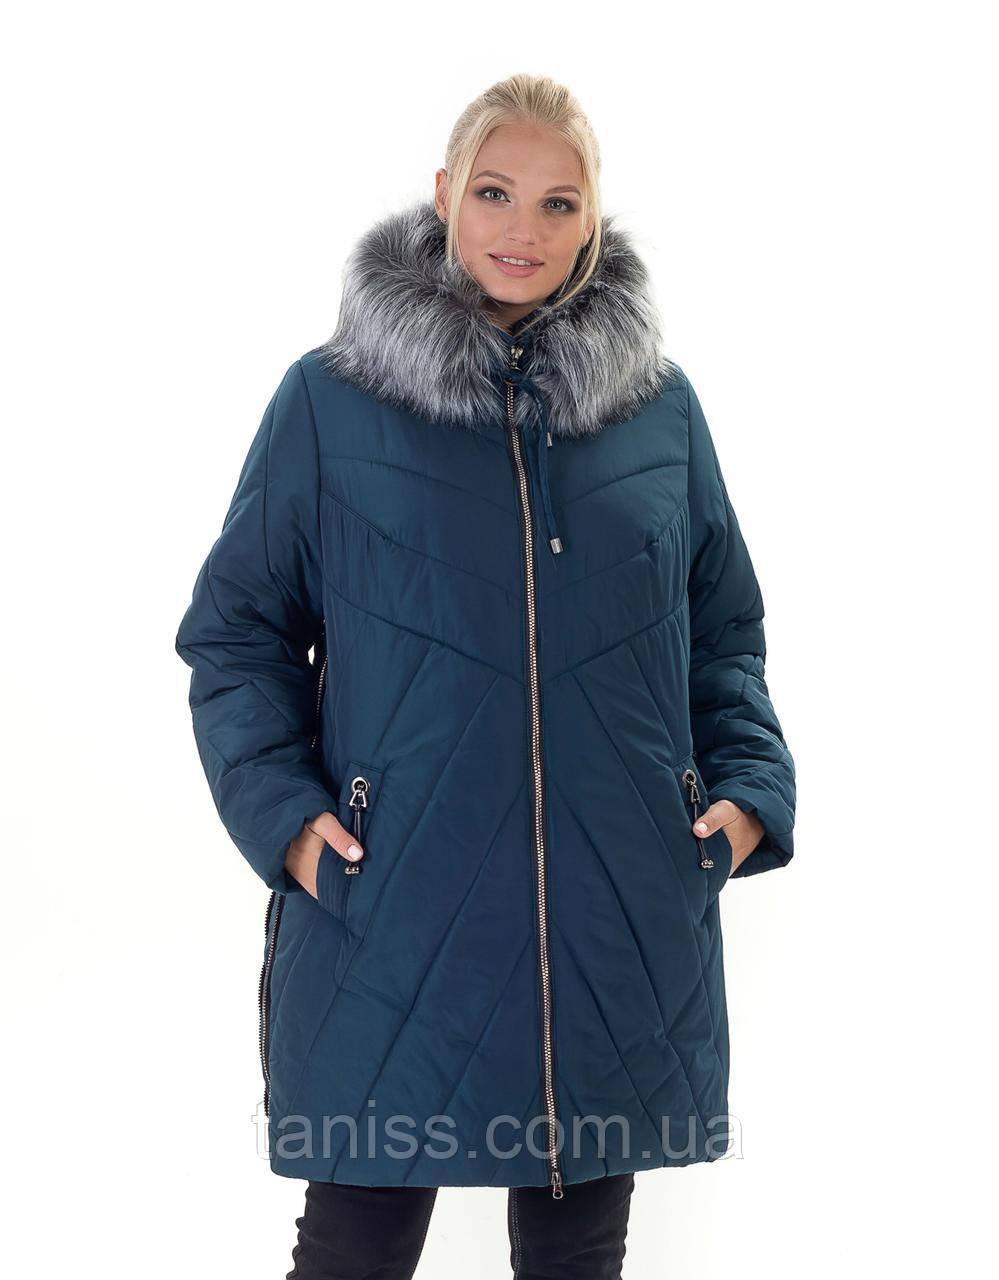 Зимняя женская куртка, большого размера, с искусственным мехом,капюшон съемный ,размеры 56,58,60 малахит